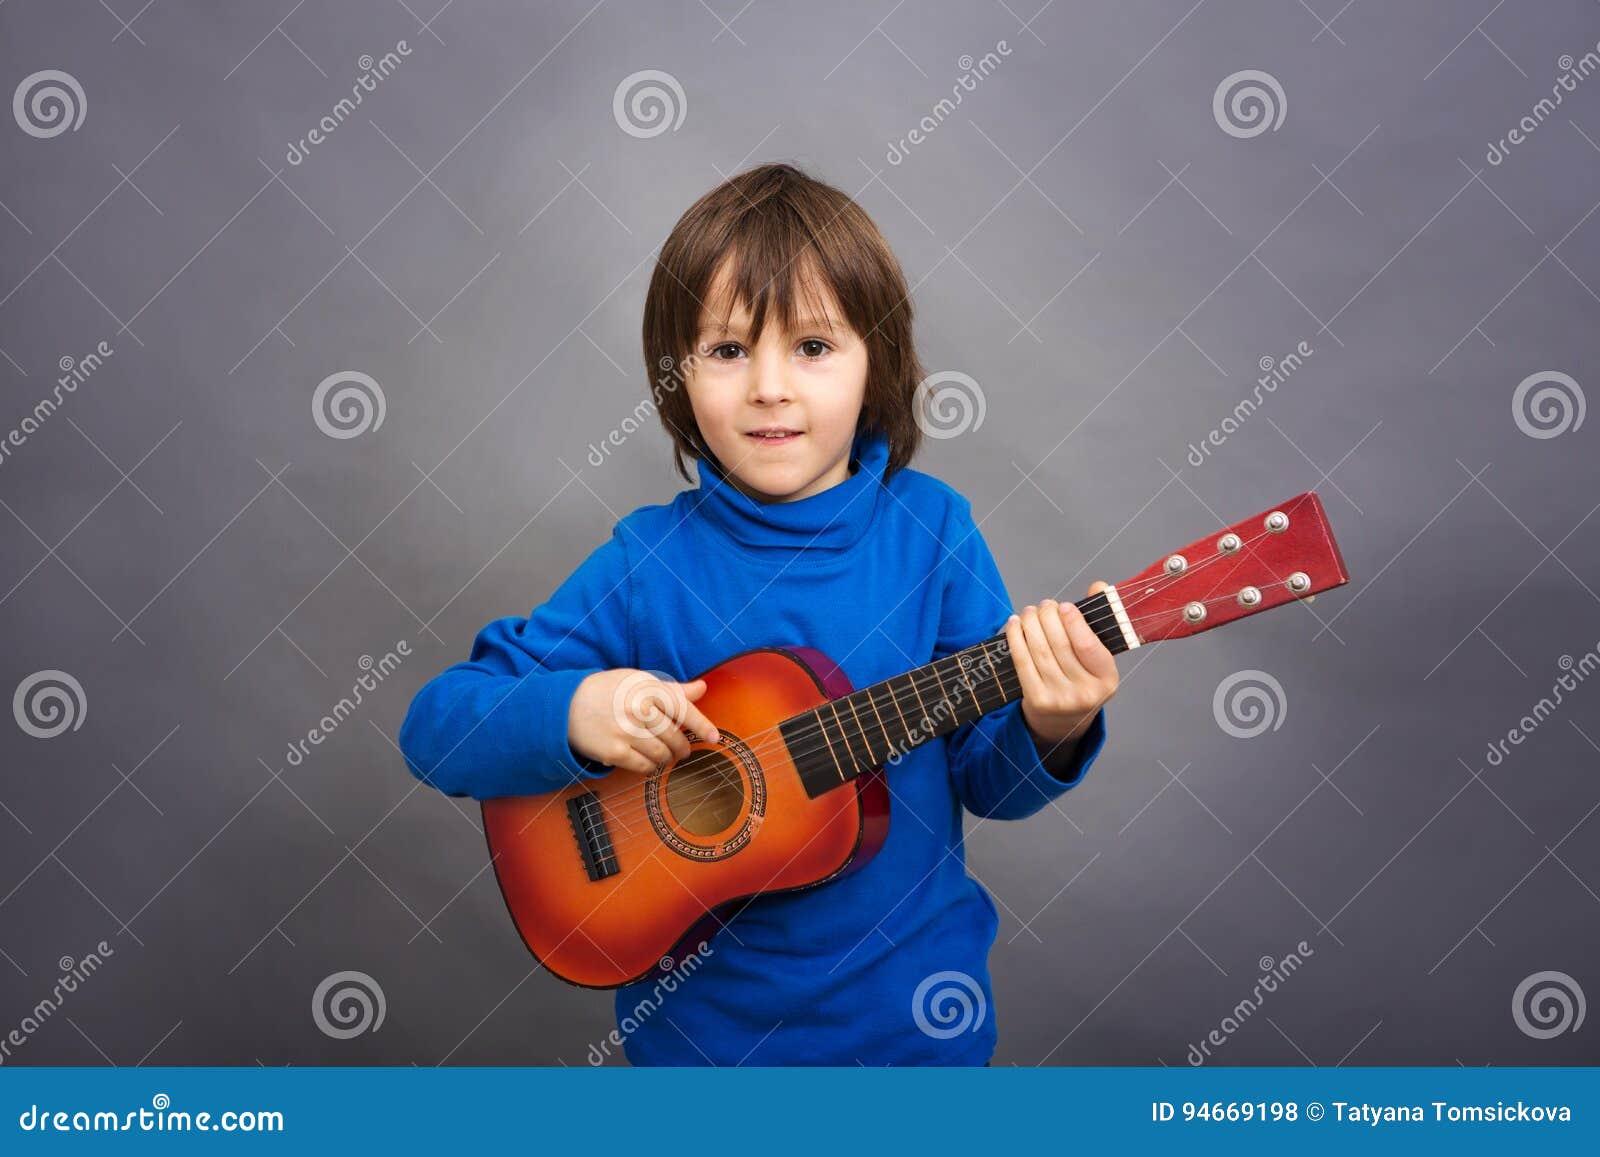 Preschool dziecko, bawić się małą gitarę, wizerunek